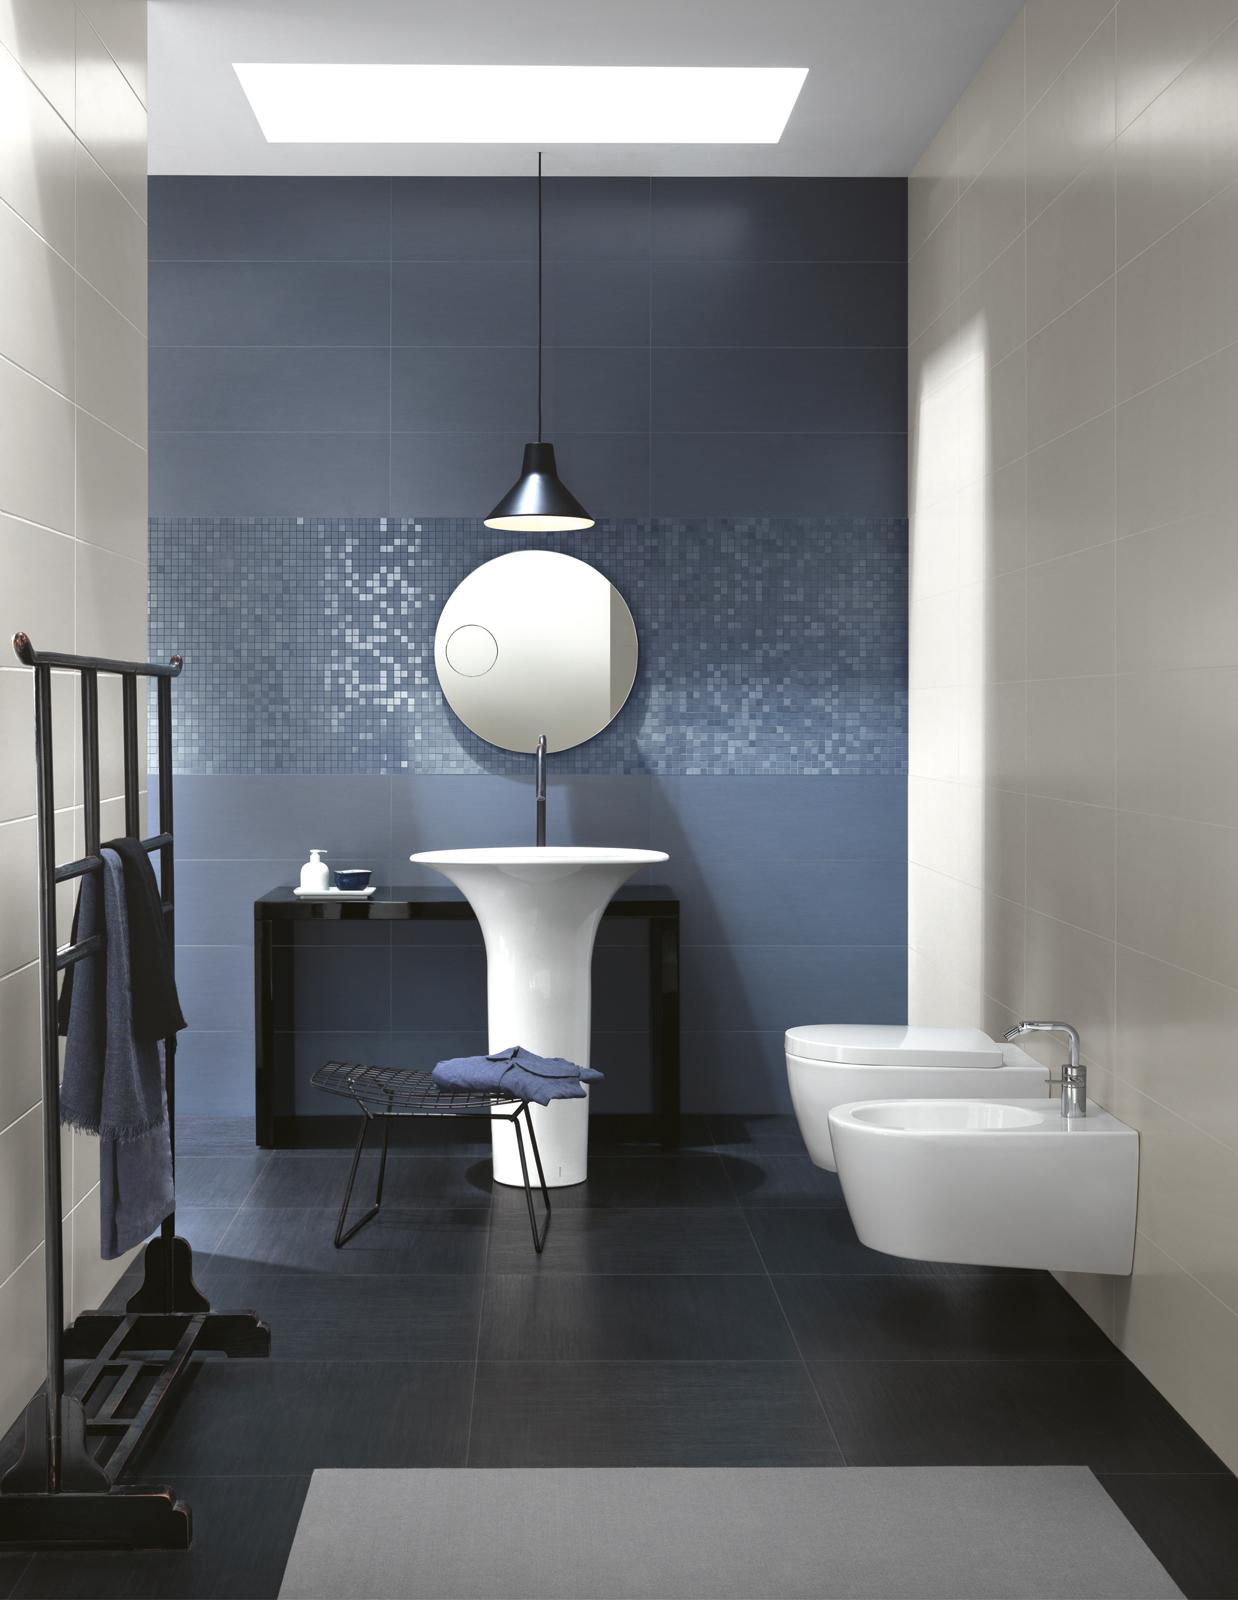 collezione trend piastrelle in ceramica da rivestimento ragno. Black Bedroom Furniture Sets. Home Design Ideas